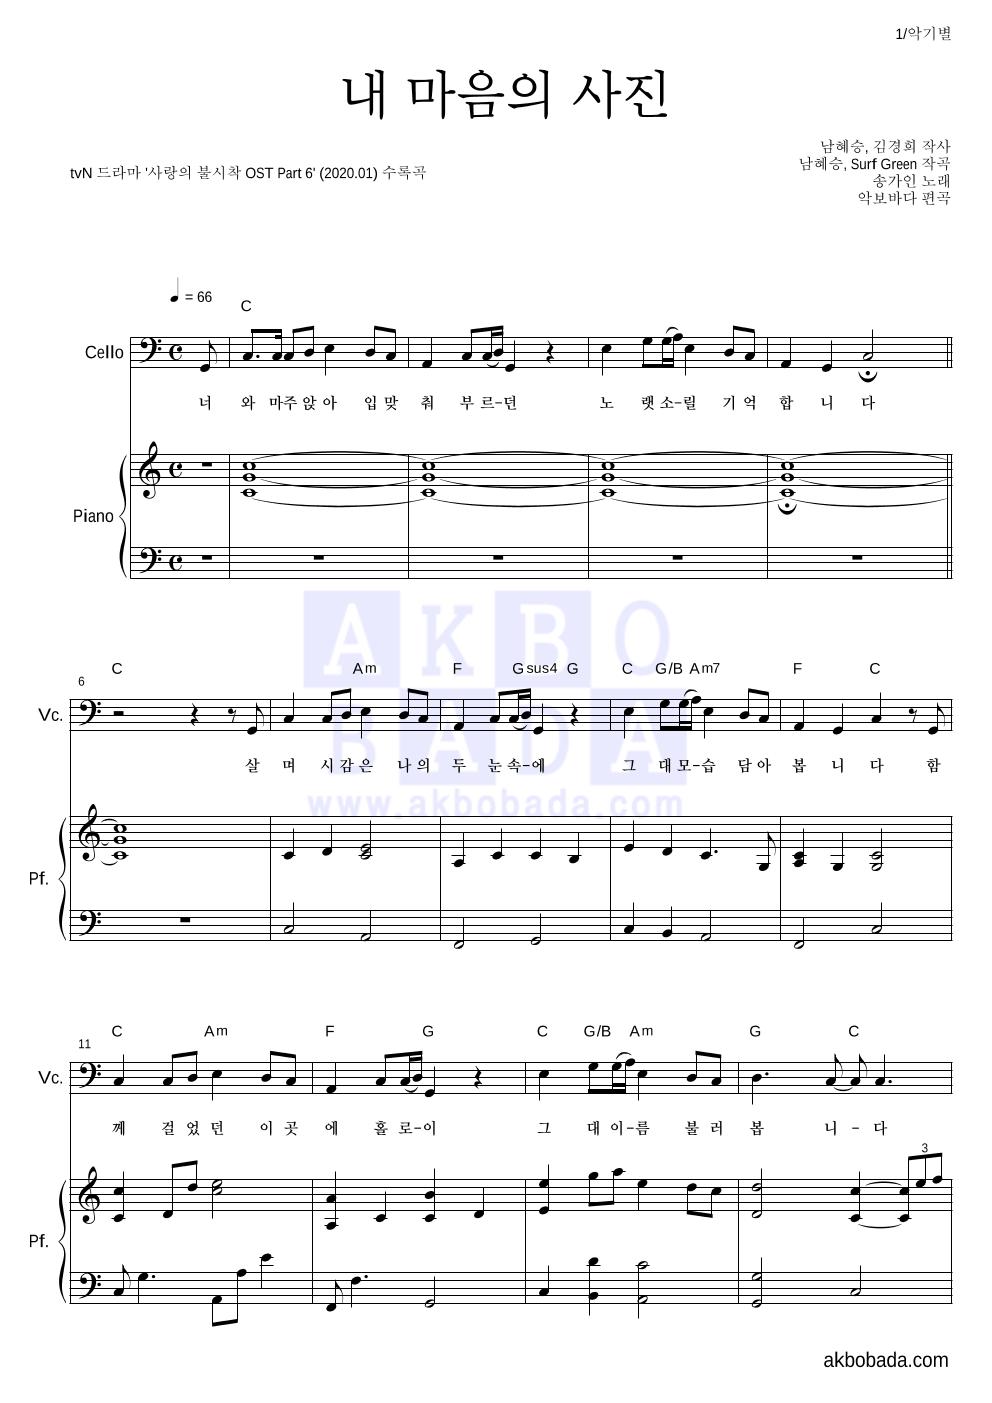 송가인 - 내 마음의 사진 첼로&피아노 악보